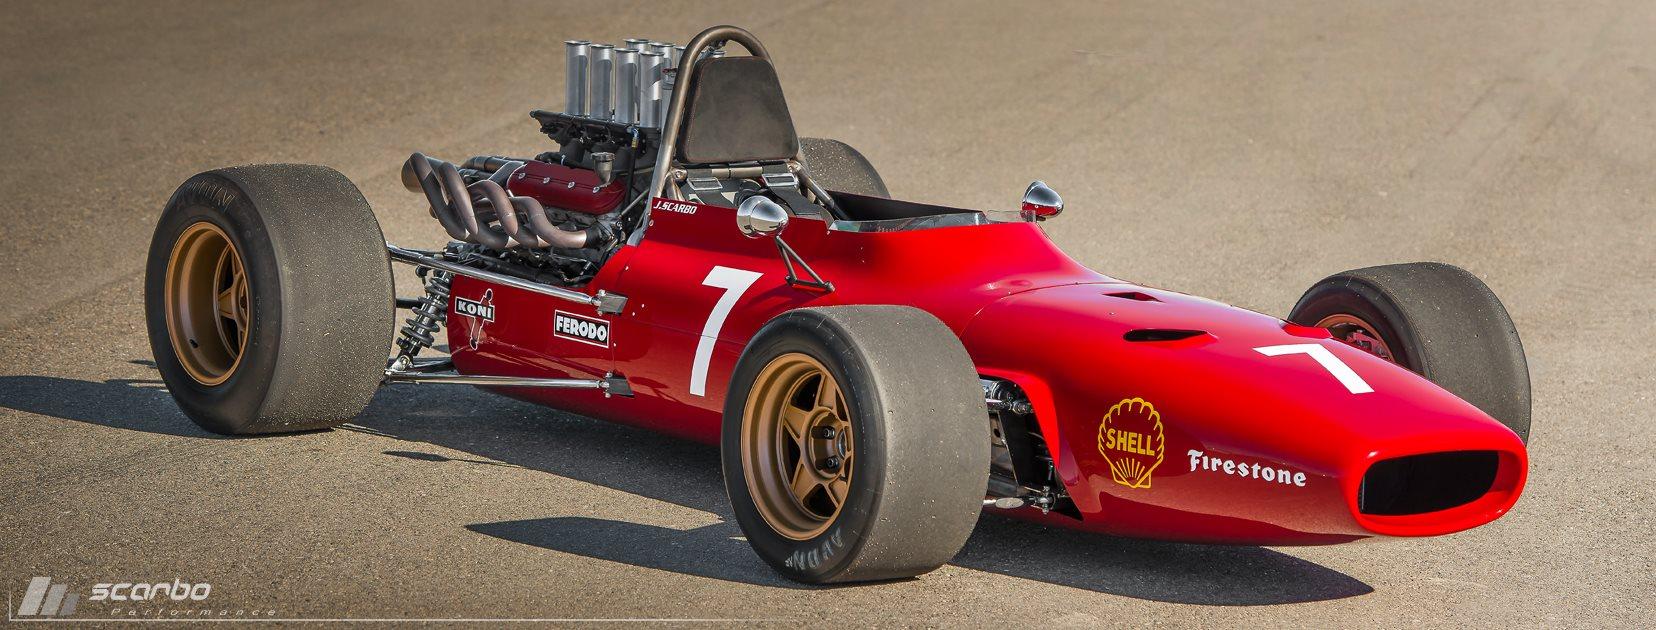 SVF1 Ferrari 312 Replica with a 6.2 L LSx V8